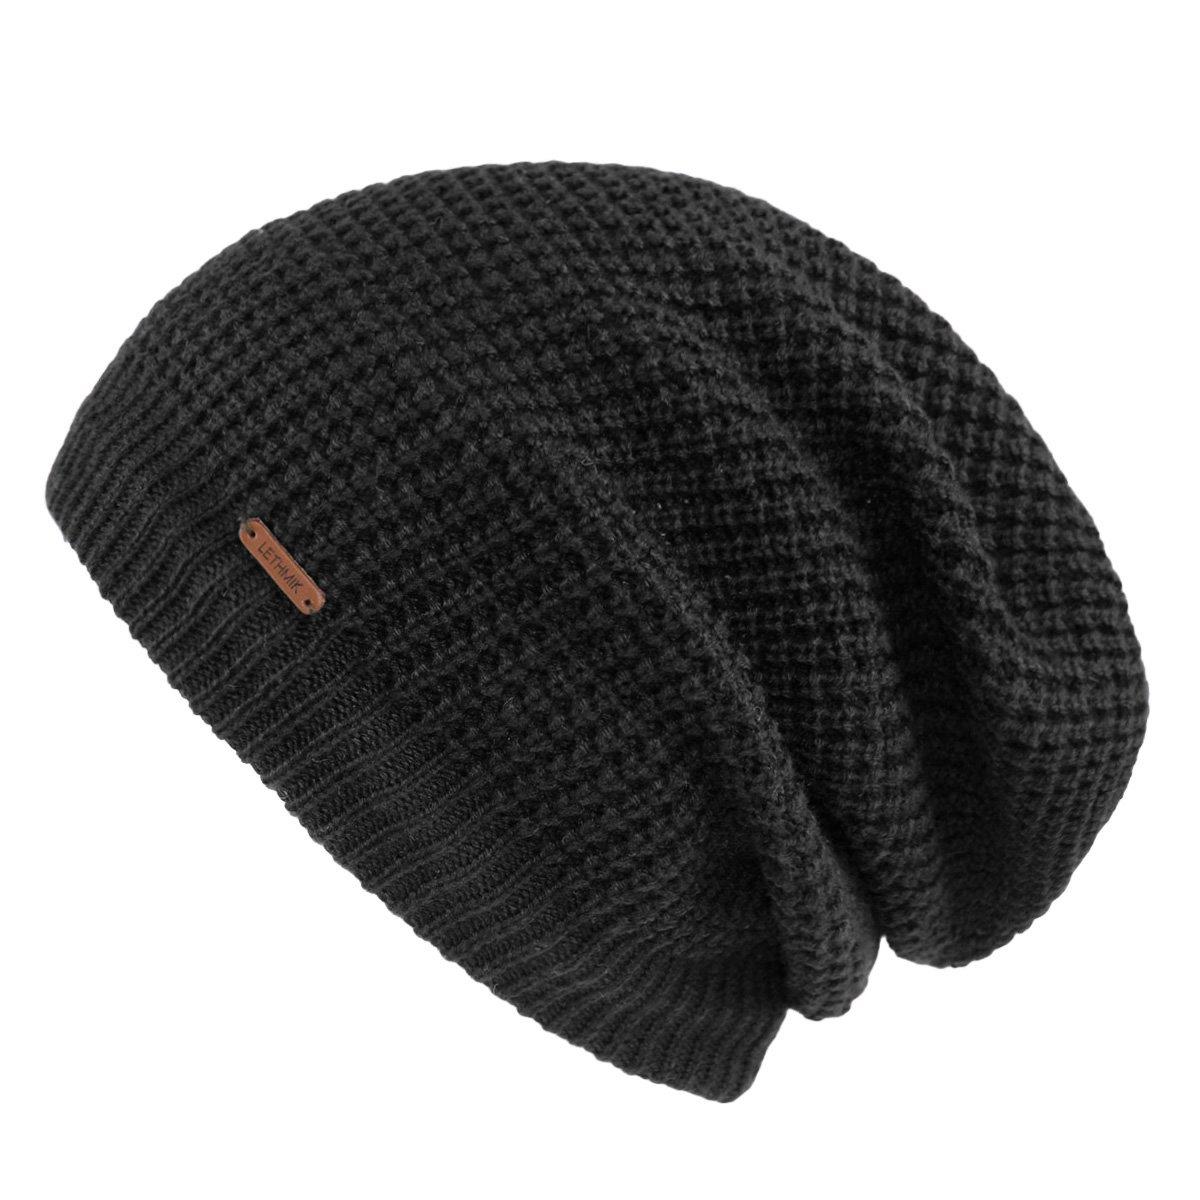 488d0242afe LETHMIK Merino Wool Slouchy Beanie